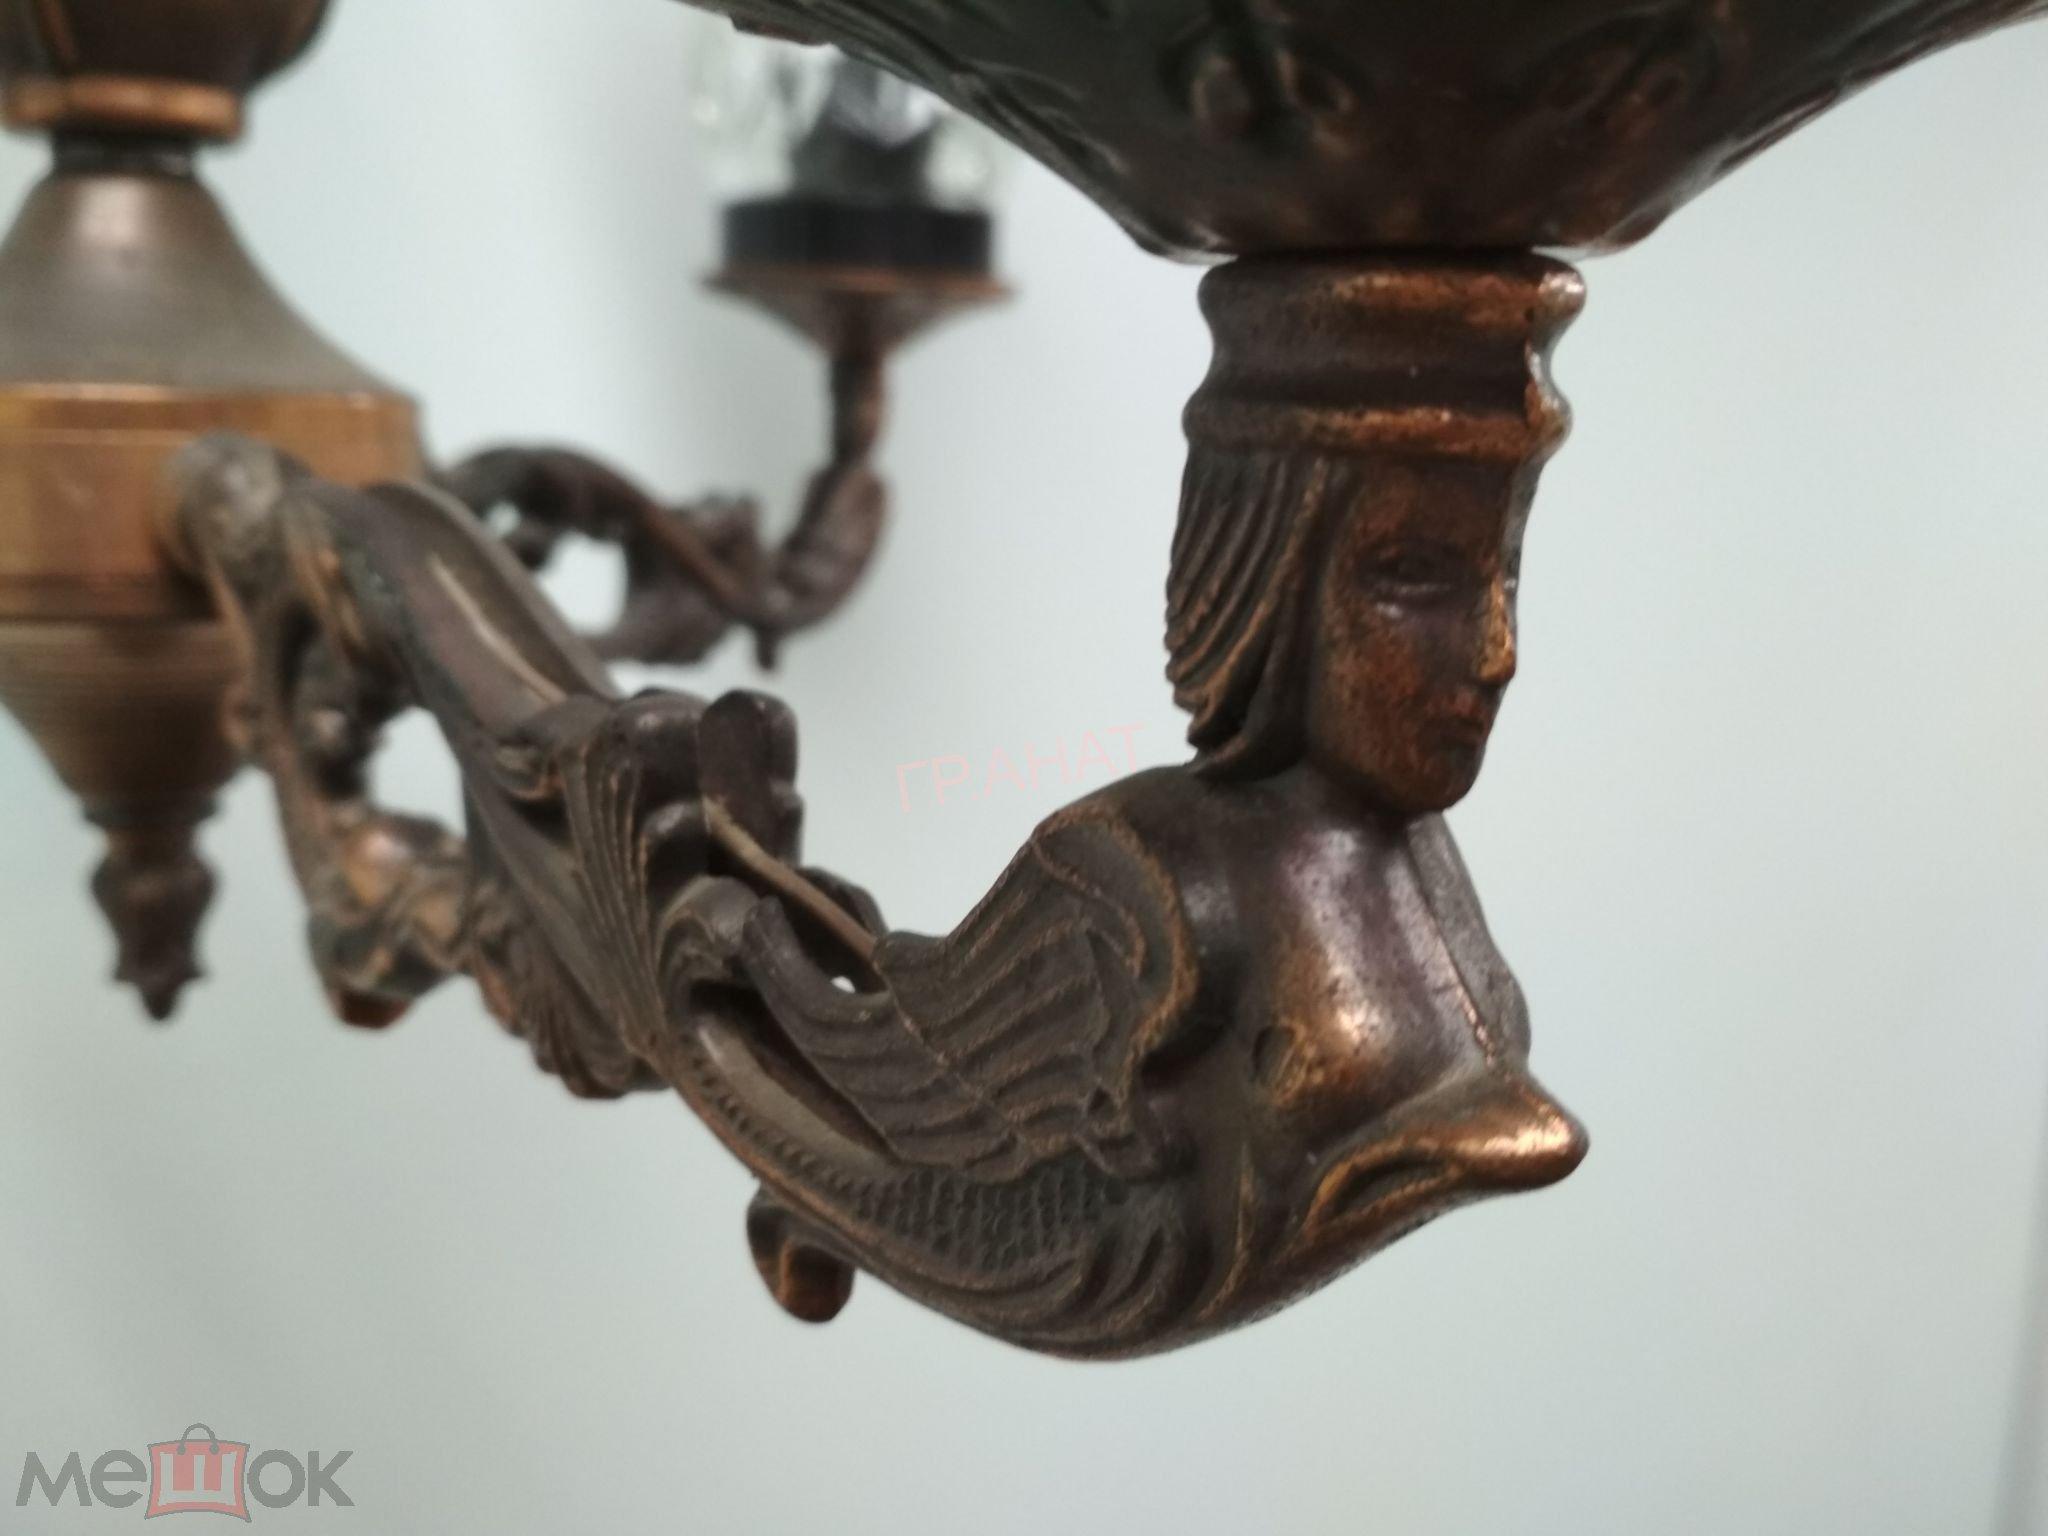 Люстра СССР цвет МЕДЬ или бронза оригинальные плафоны 3 лампы цоколь Е27 дельфины, люди русалки